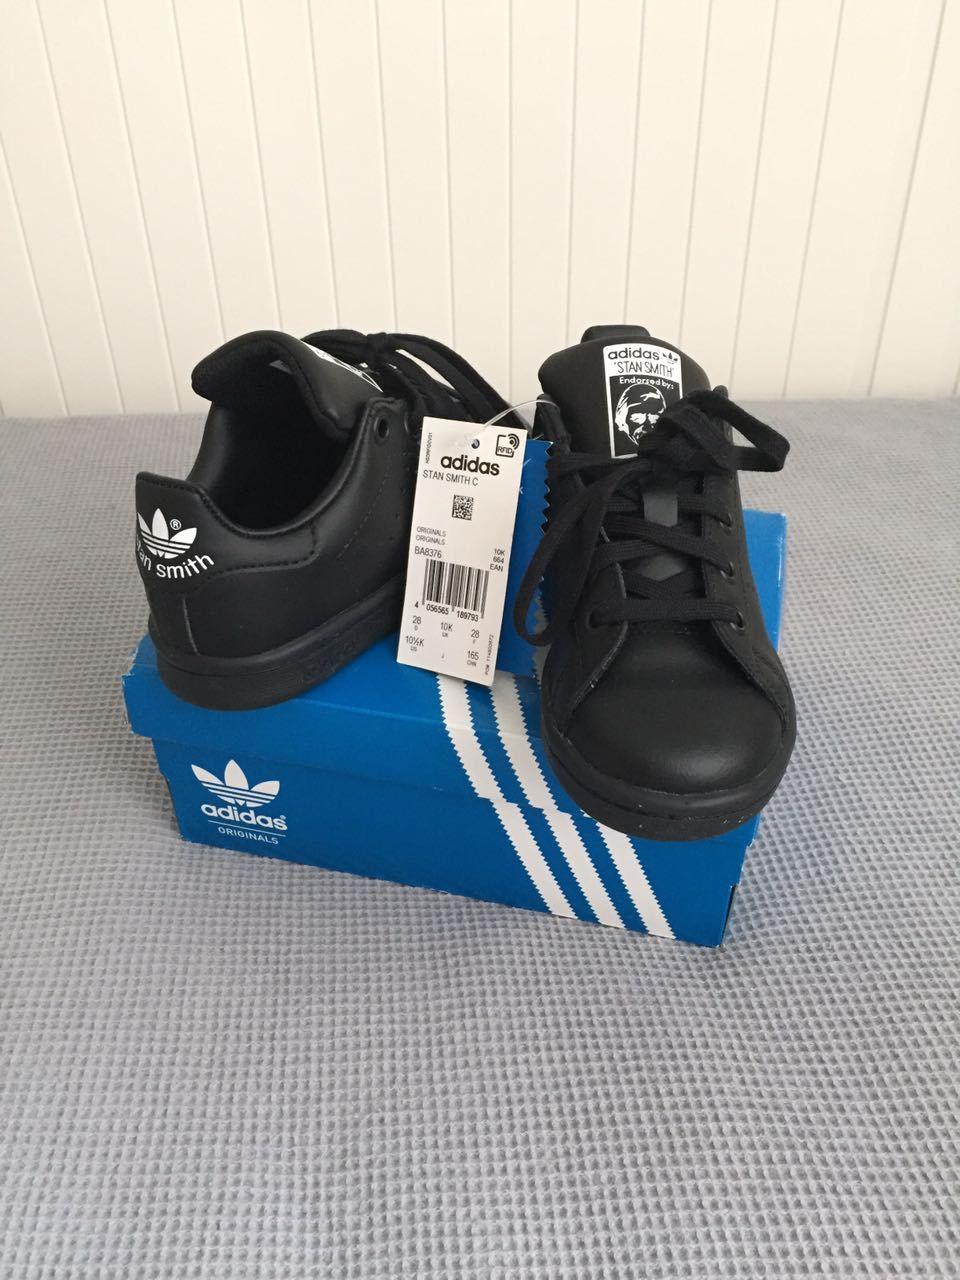 Новые кроссовки Adidas, р.28, 2 900 ₽  kidtobaby  kidtobaby товары ... 9de50f0f043